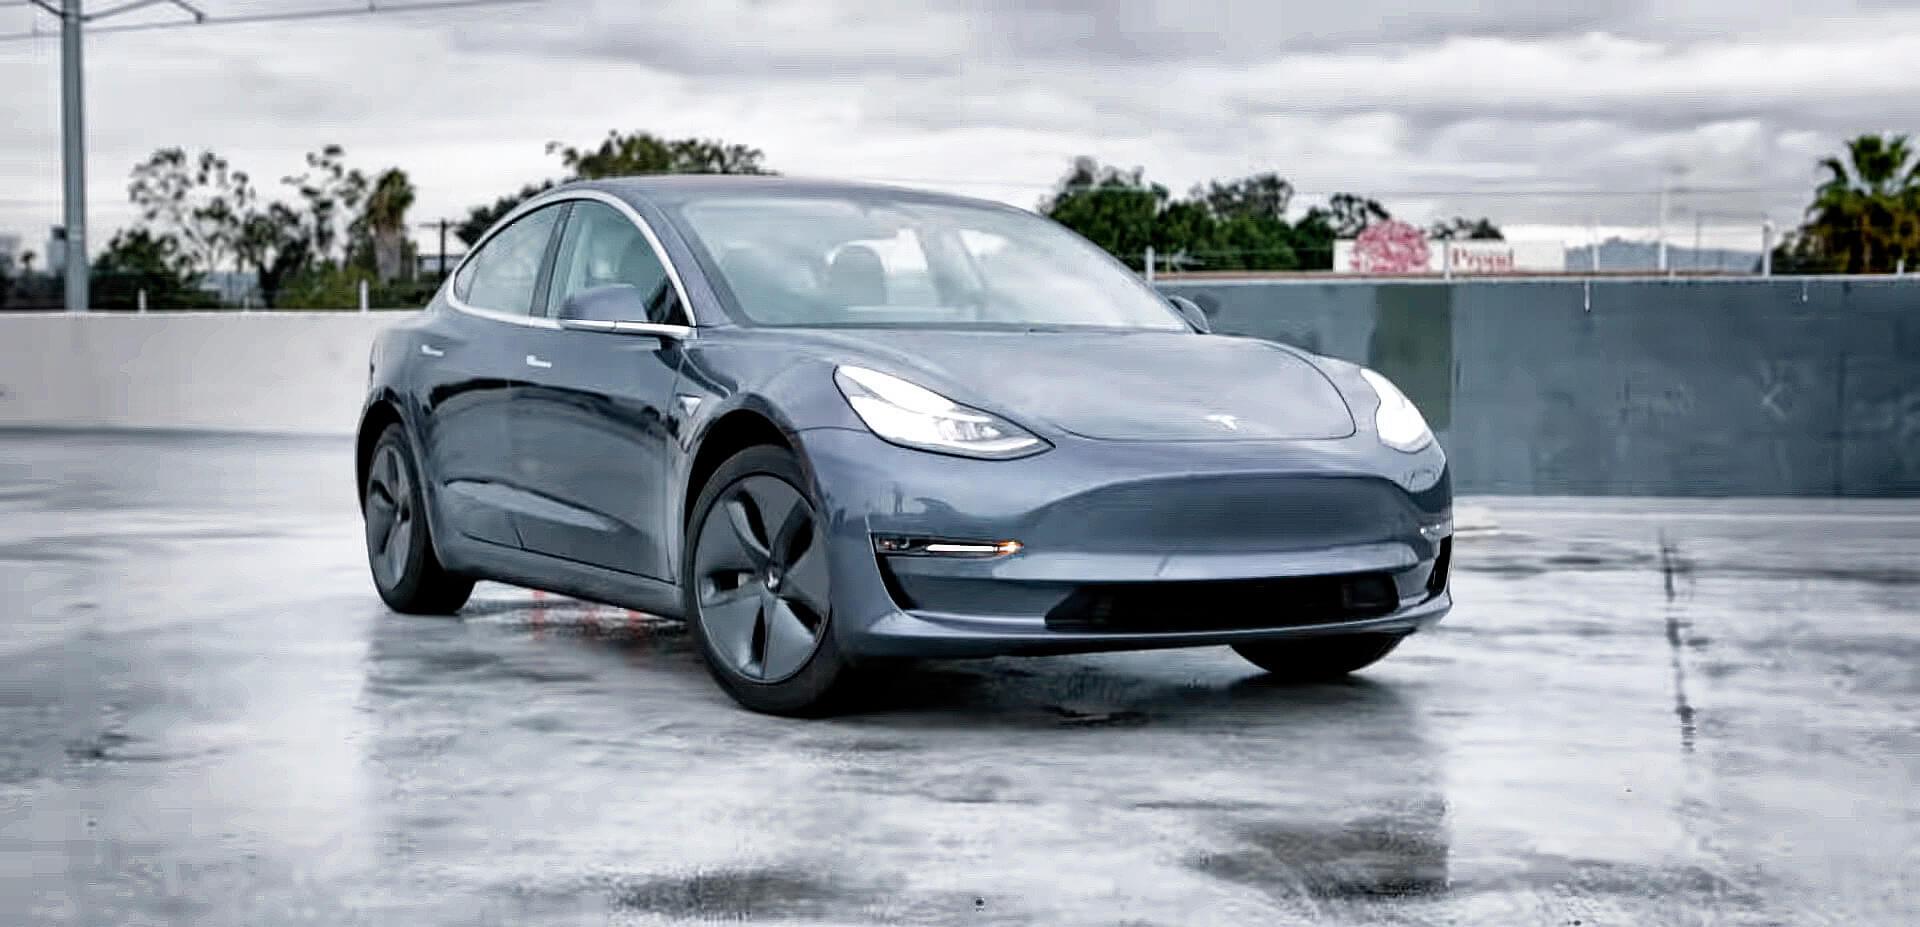 Лидер продаж электромобилей Tesla Model 3 в США